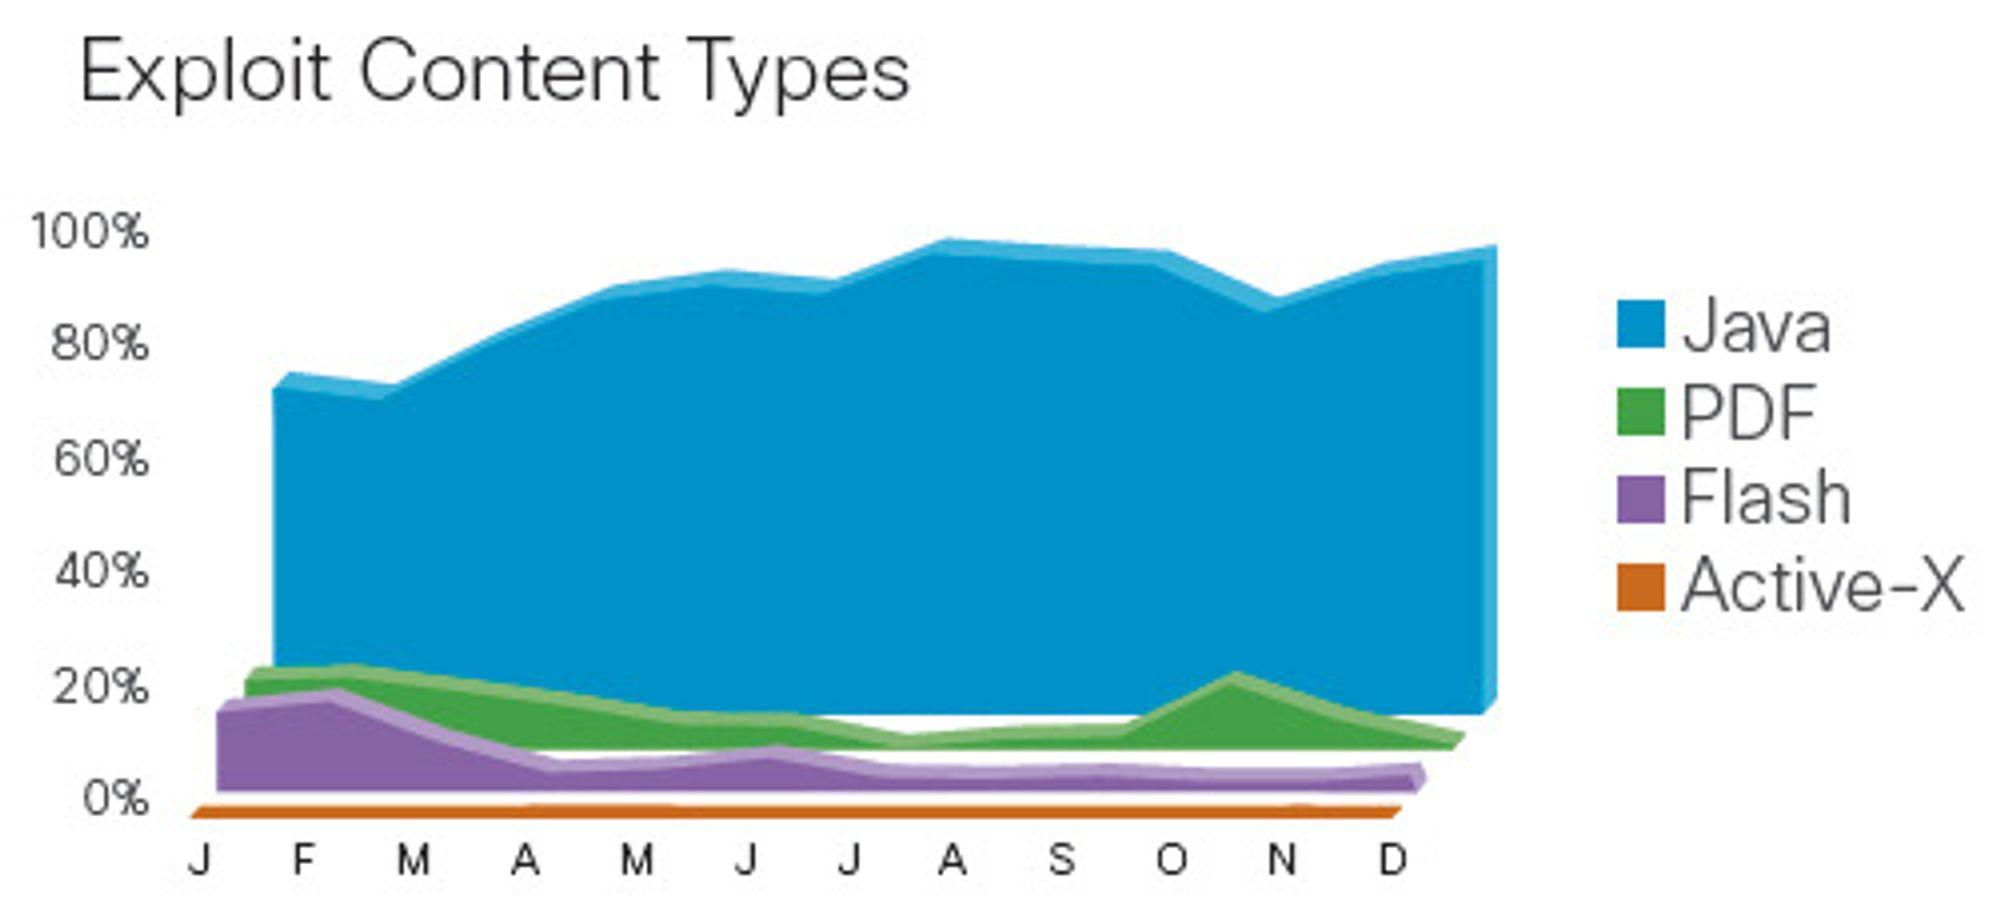 Java formidler langt mer smitte enn noe annet format.